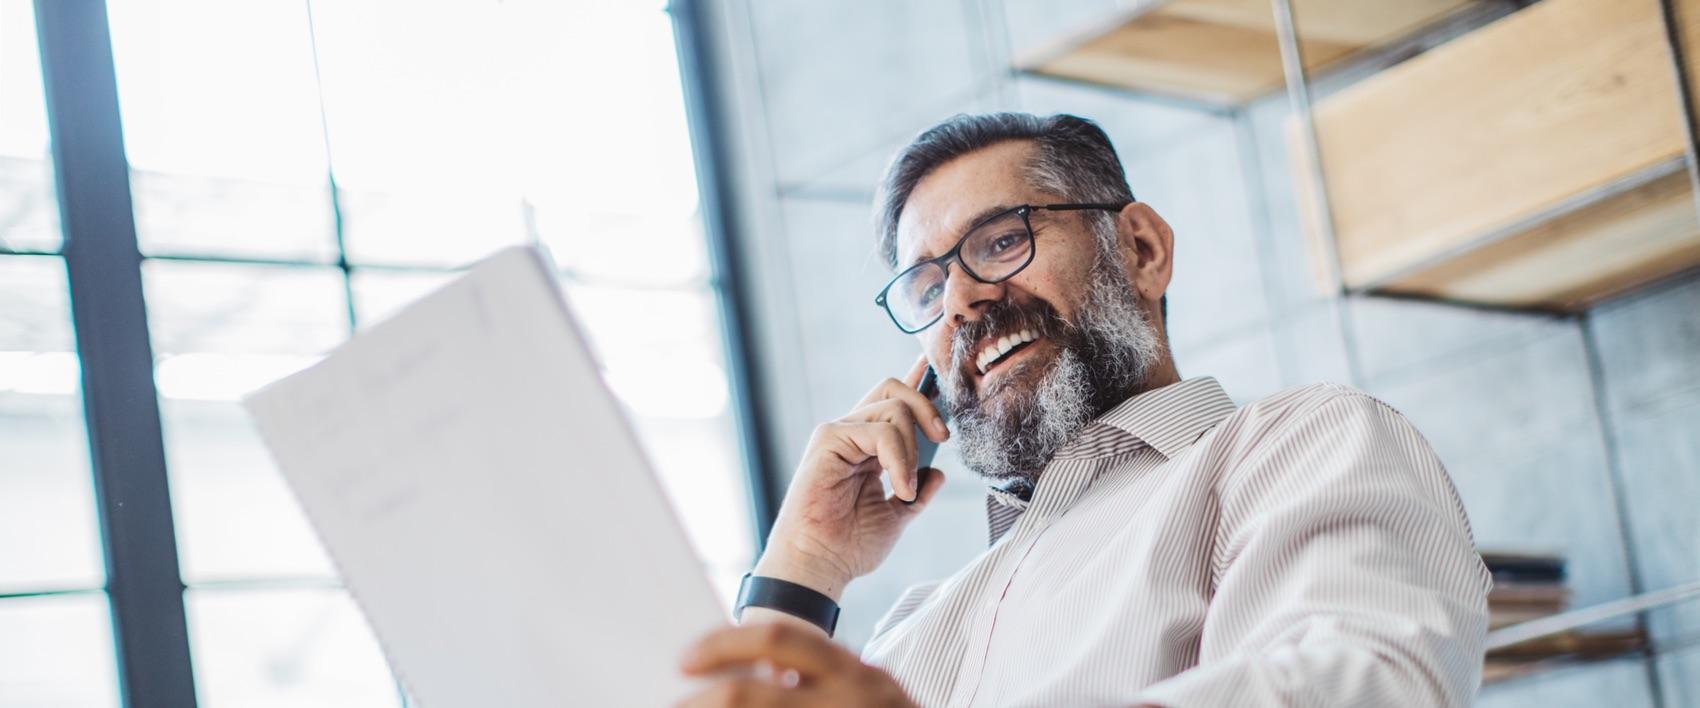 Mann mittleren Alters mit Brille am Schreibtisch.